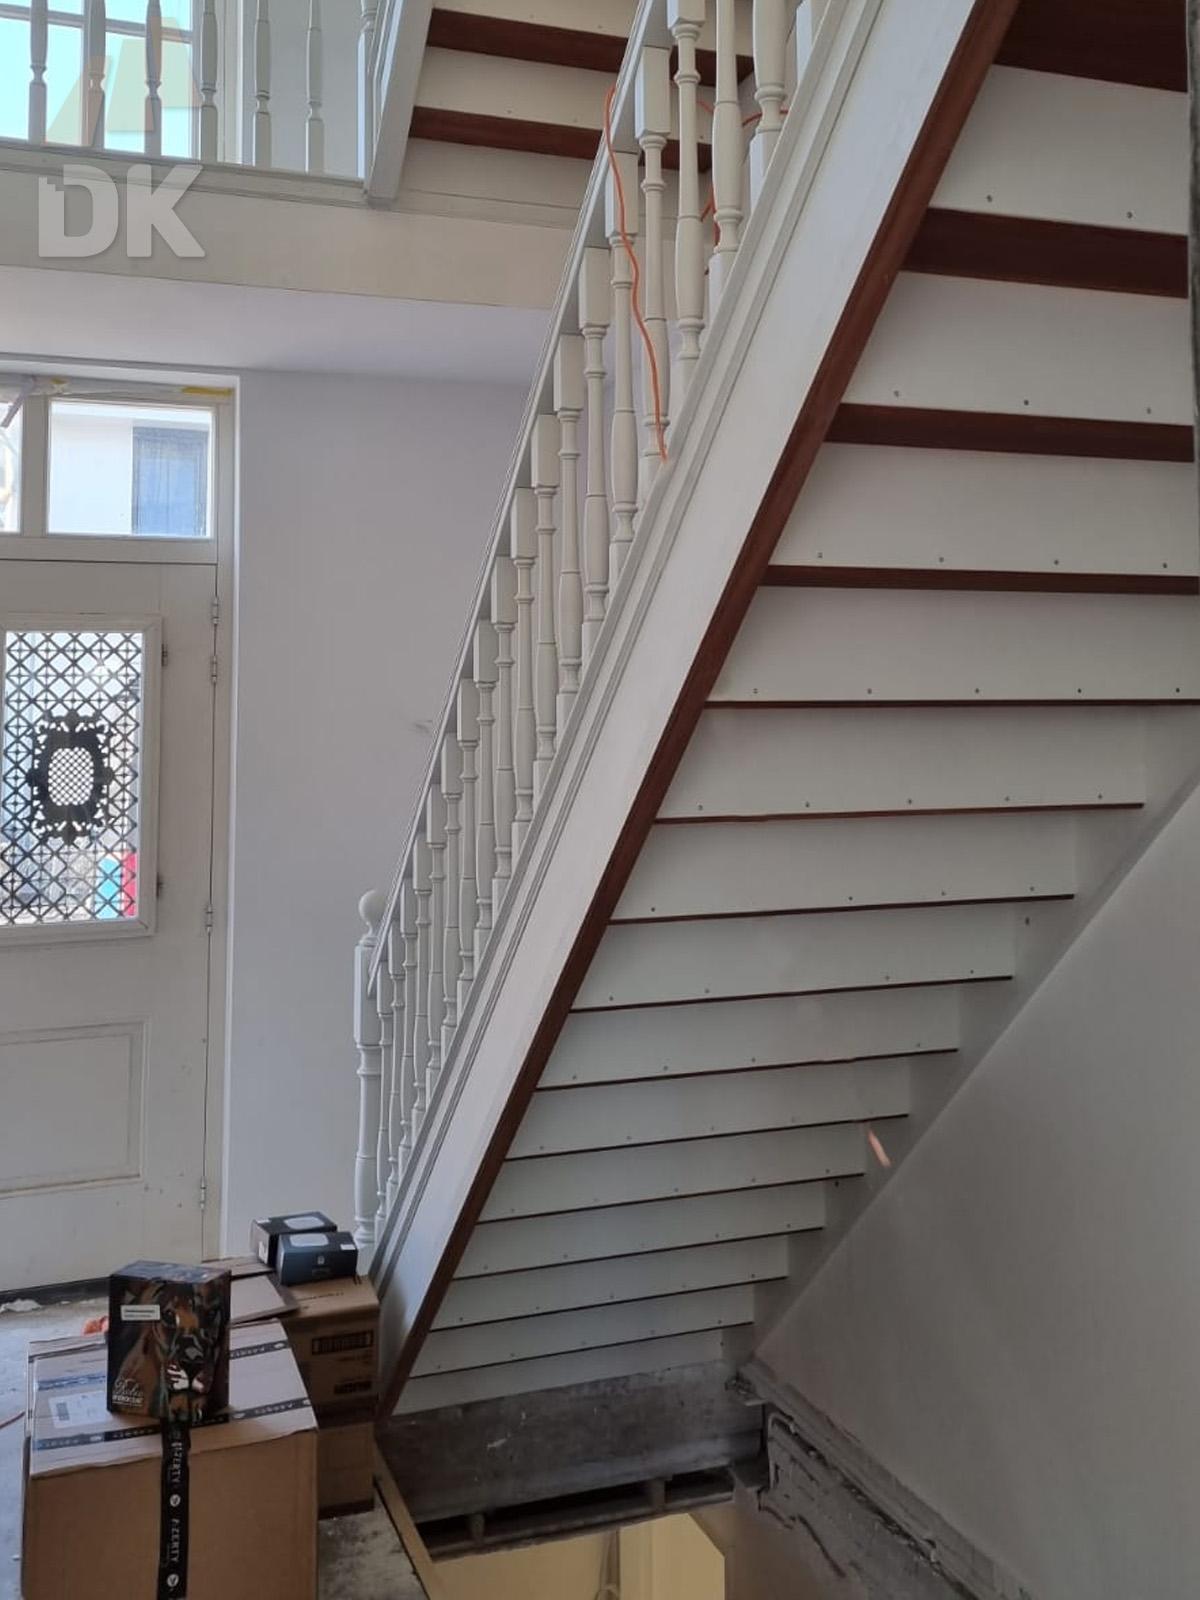 Prachtige mahonie trappen met eiken treden - Foto 3